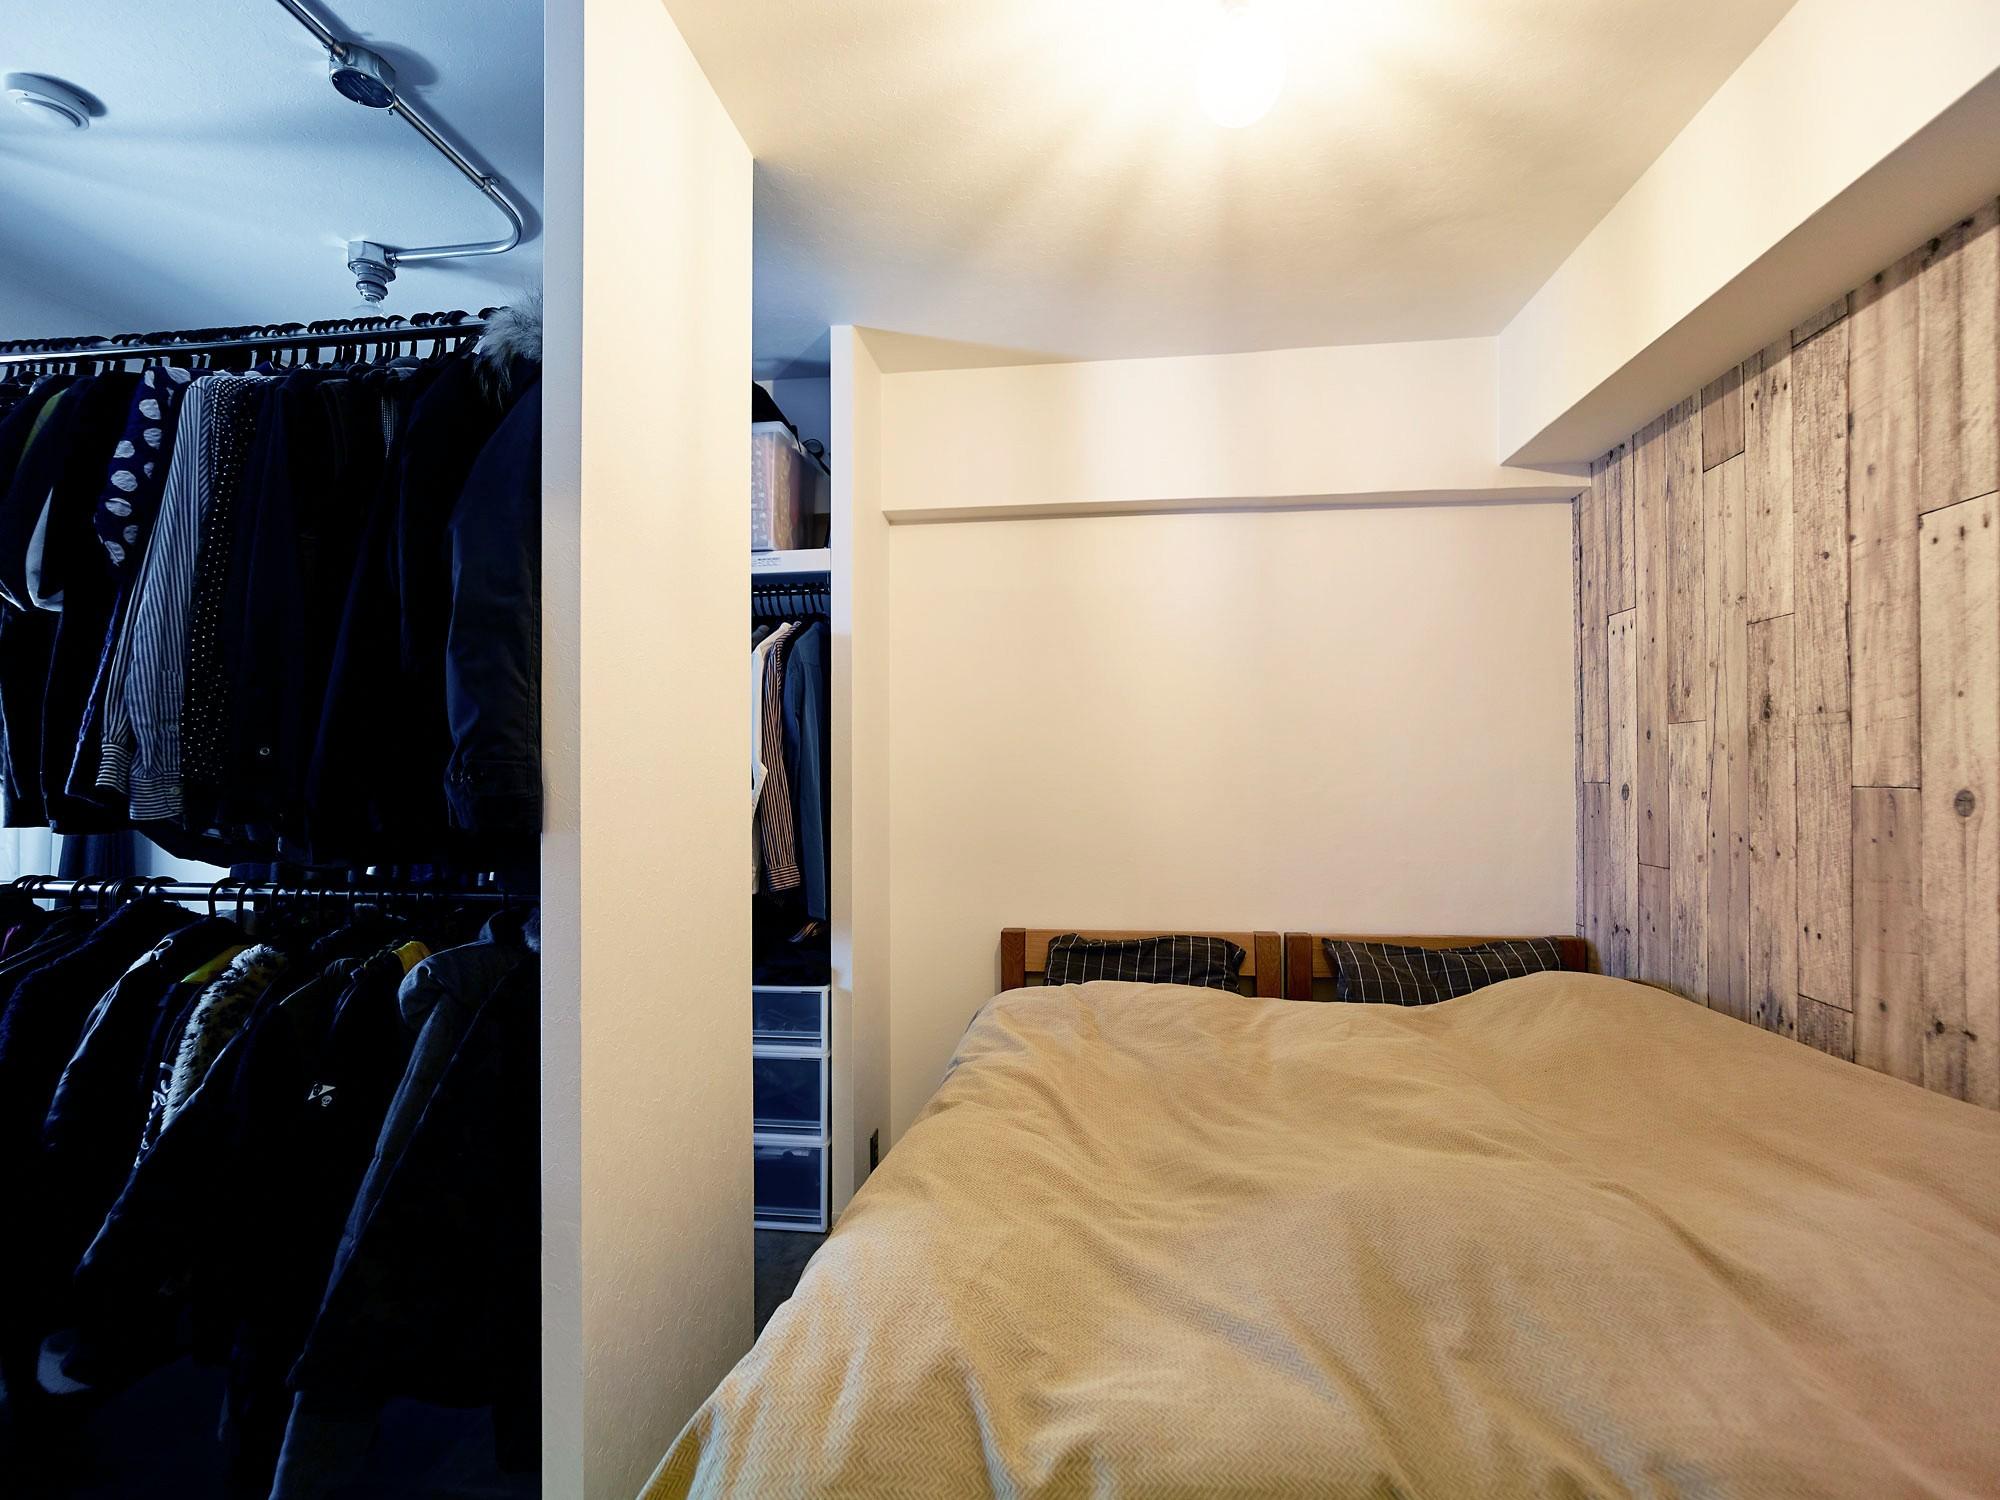 ベッドルーム事例:寝室&WIC(家族の笑顔が集まる賑やかハウス)